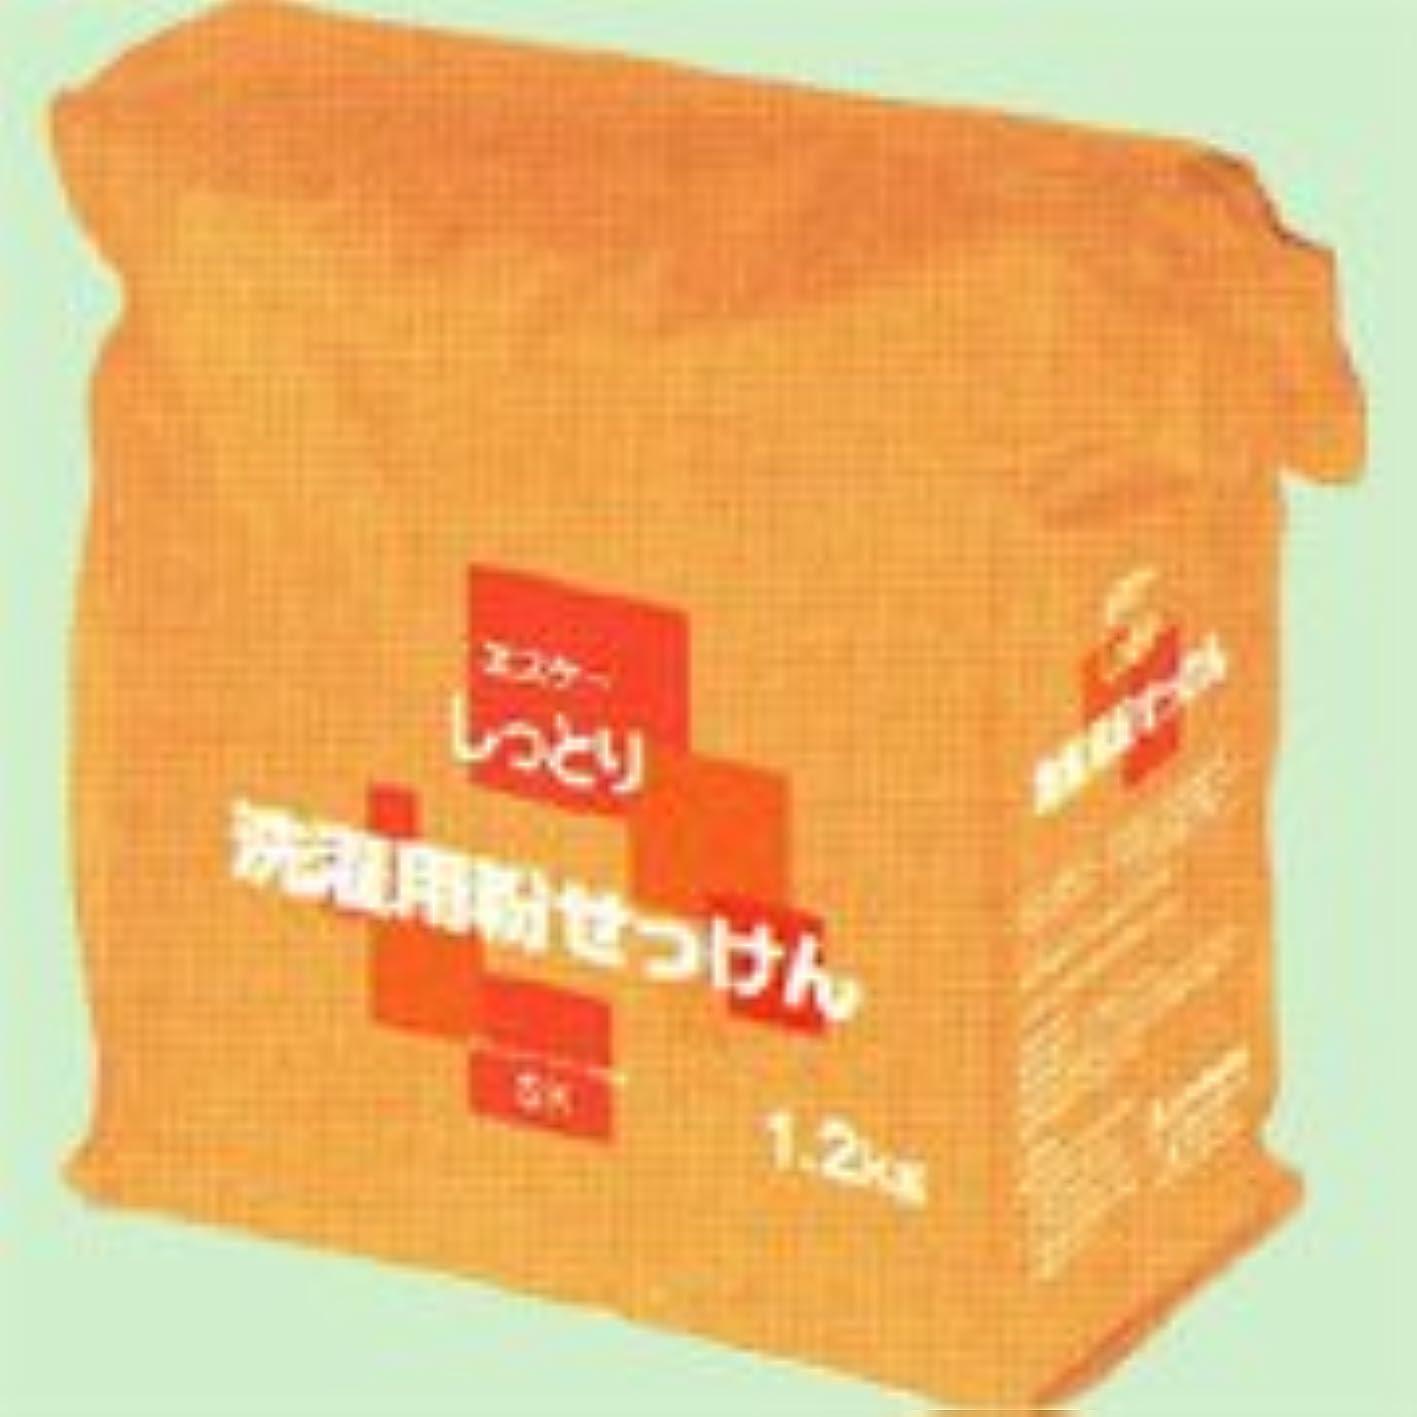 殺しますパトワ共同選択しっとり洗濯用粉せっけん詰替用 1.2kg   エスケー石鹸